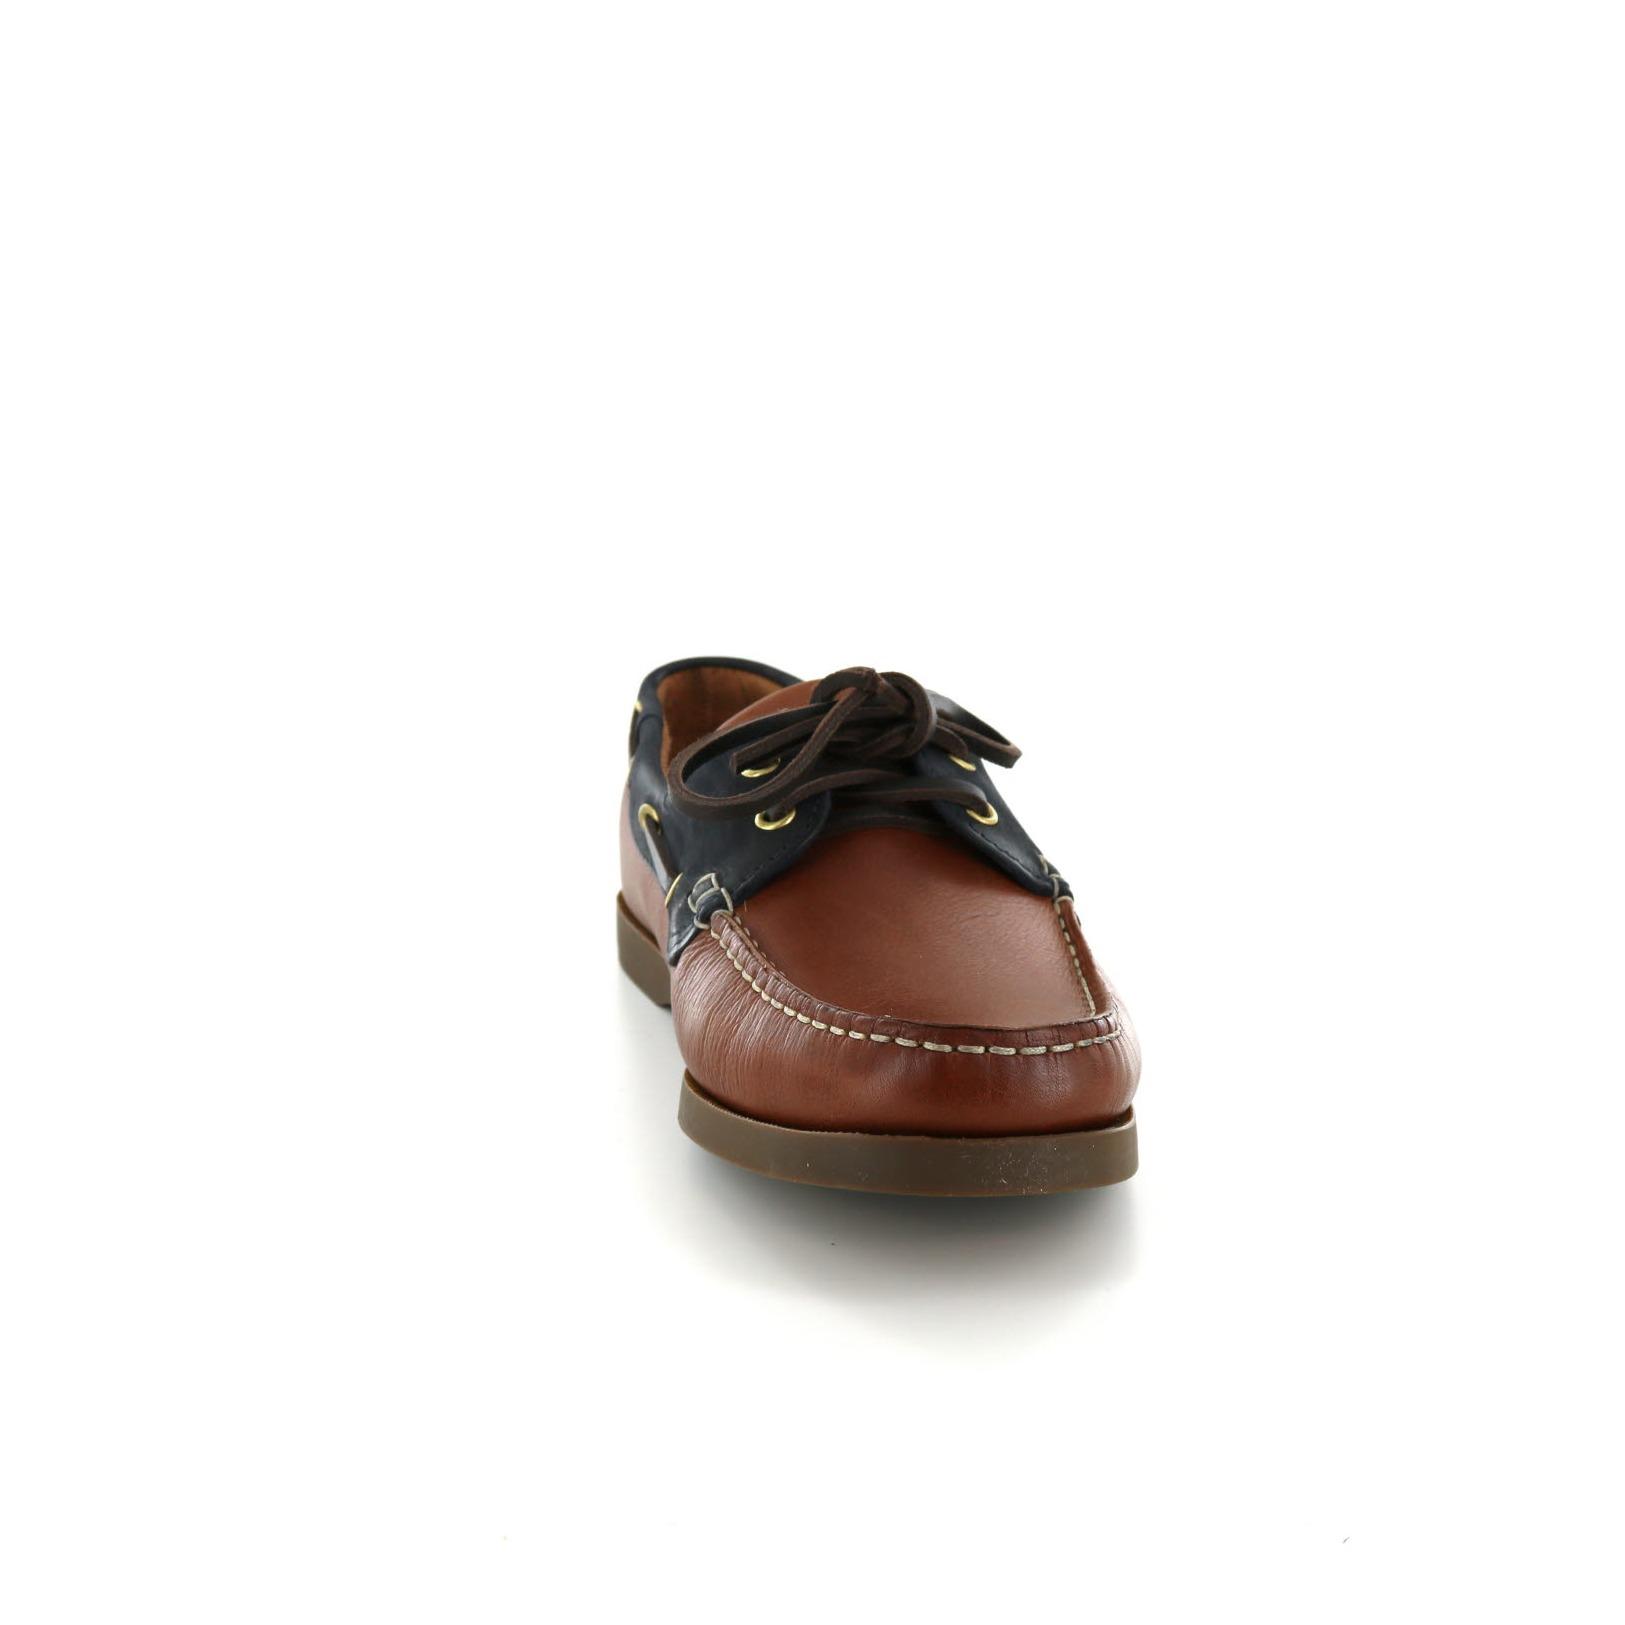 Chaussures Cyprès / Dentelle - Chaussures De Sport, Cognac